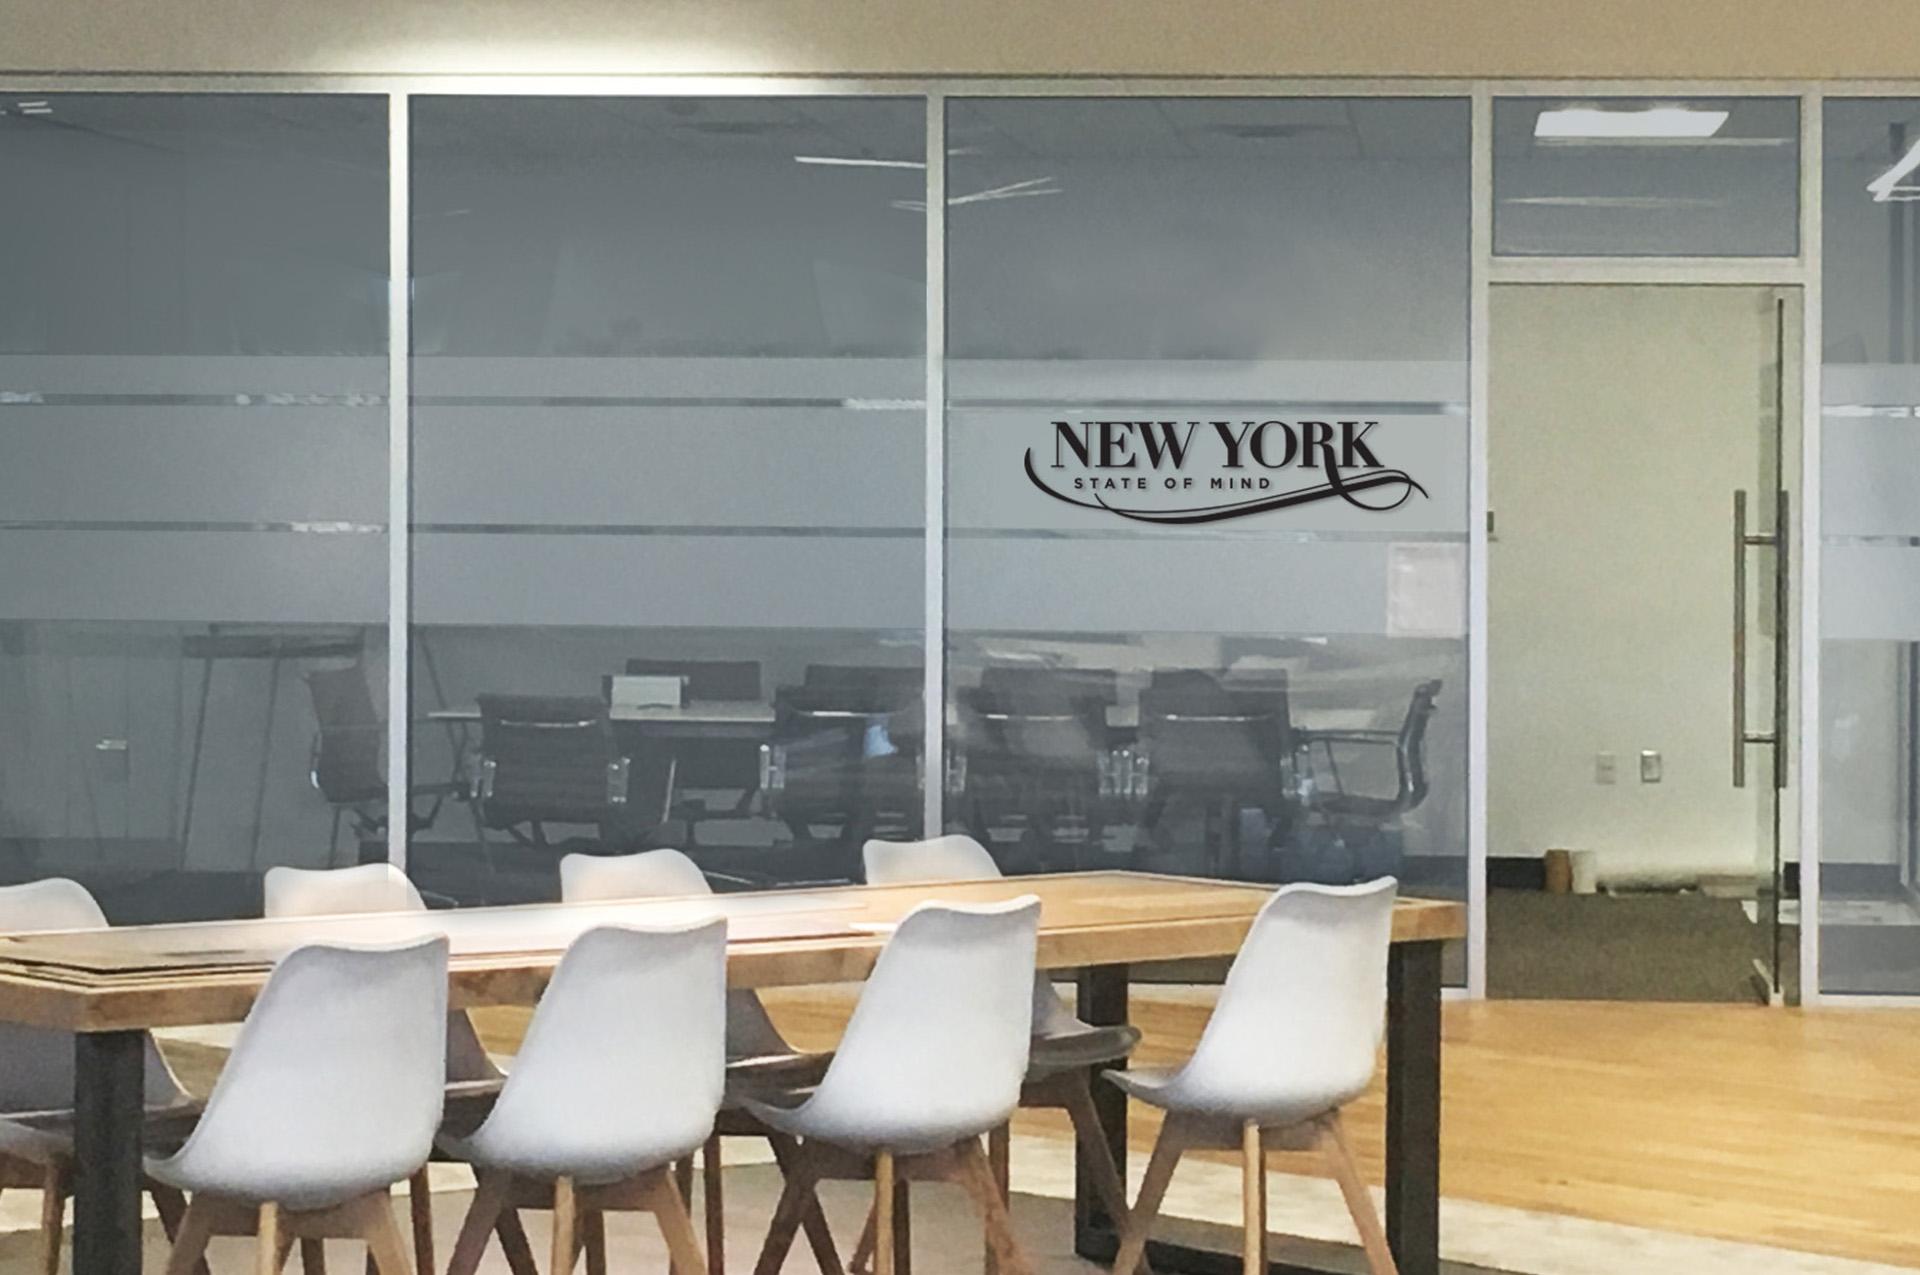 NY Conference Room.jpg